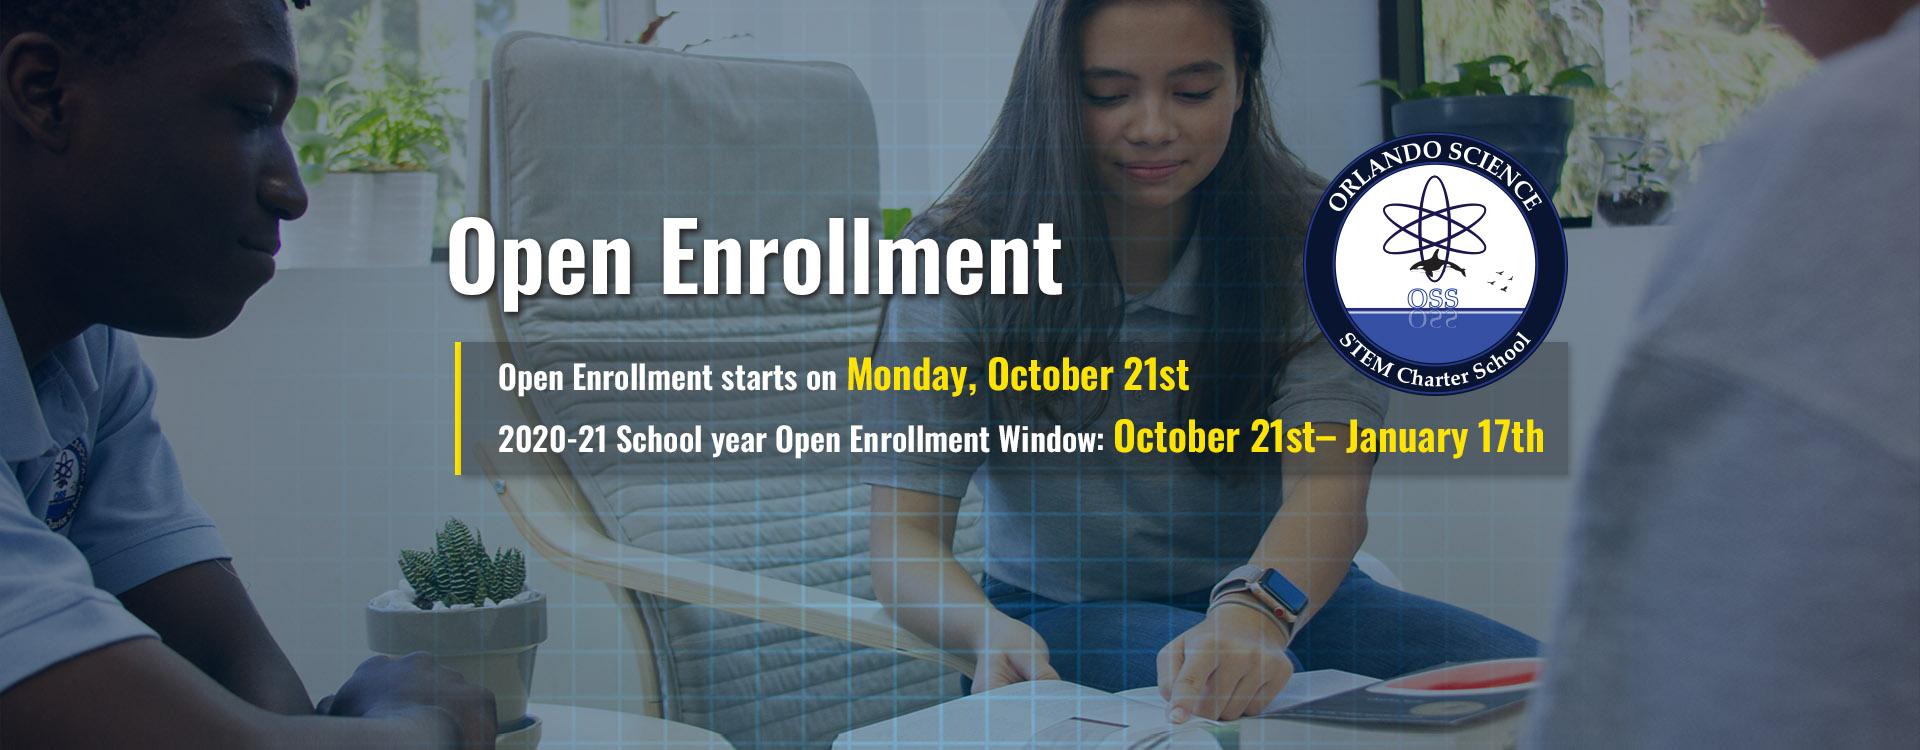 open-enrollment-high